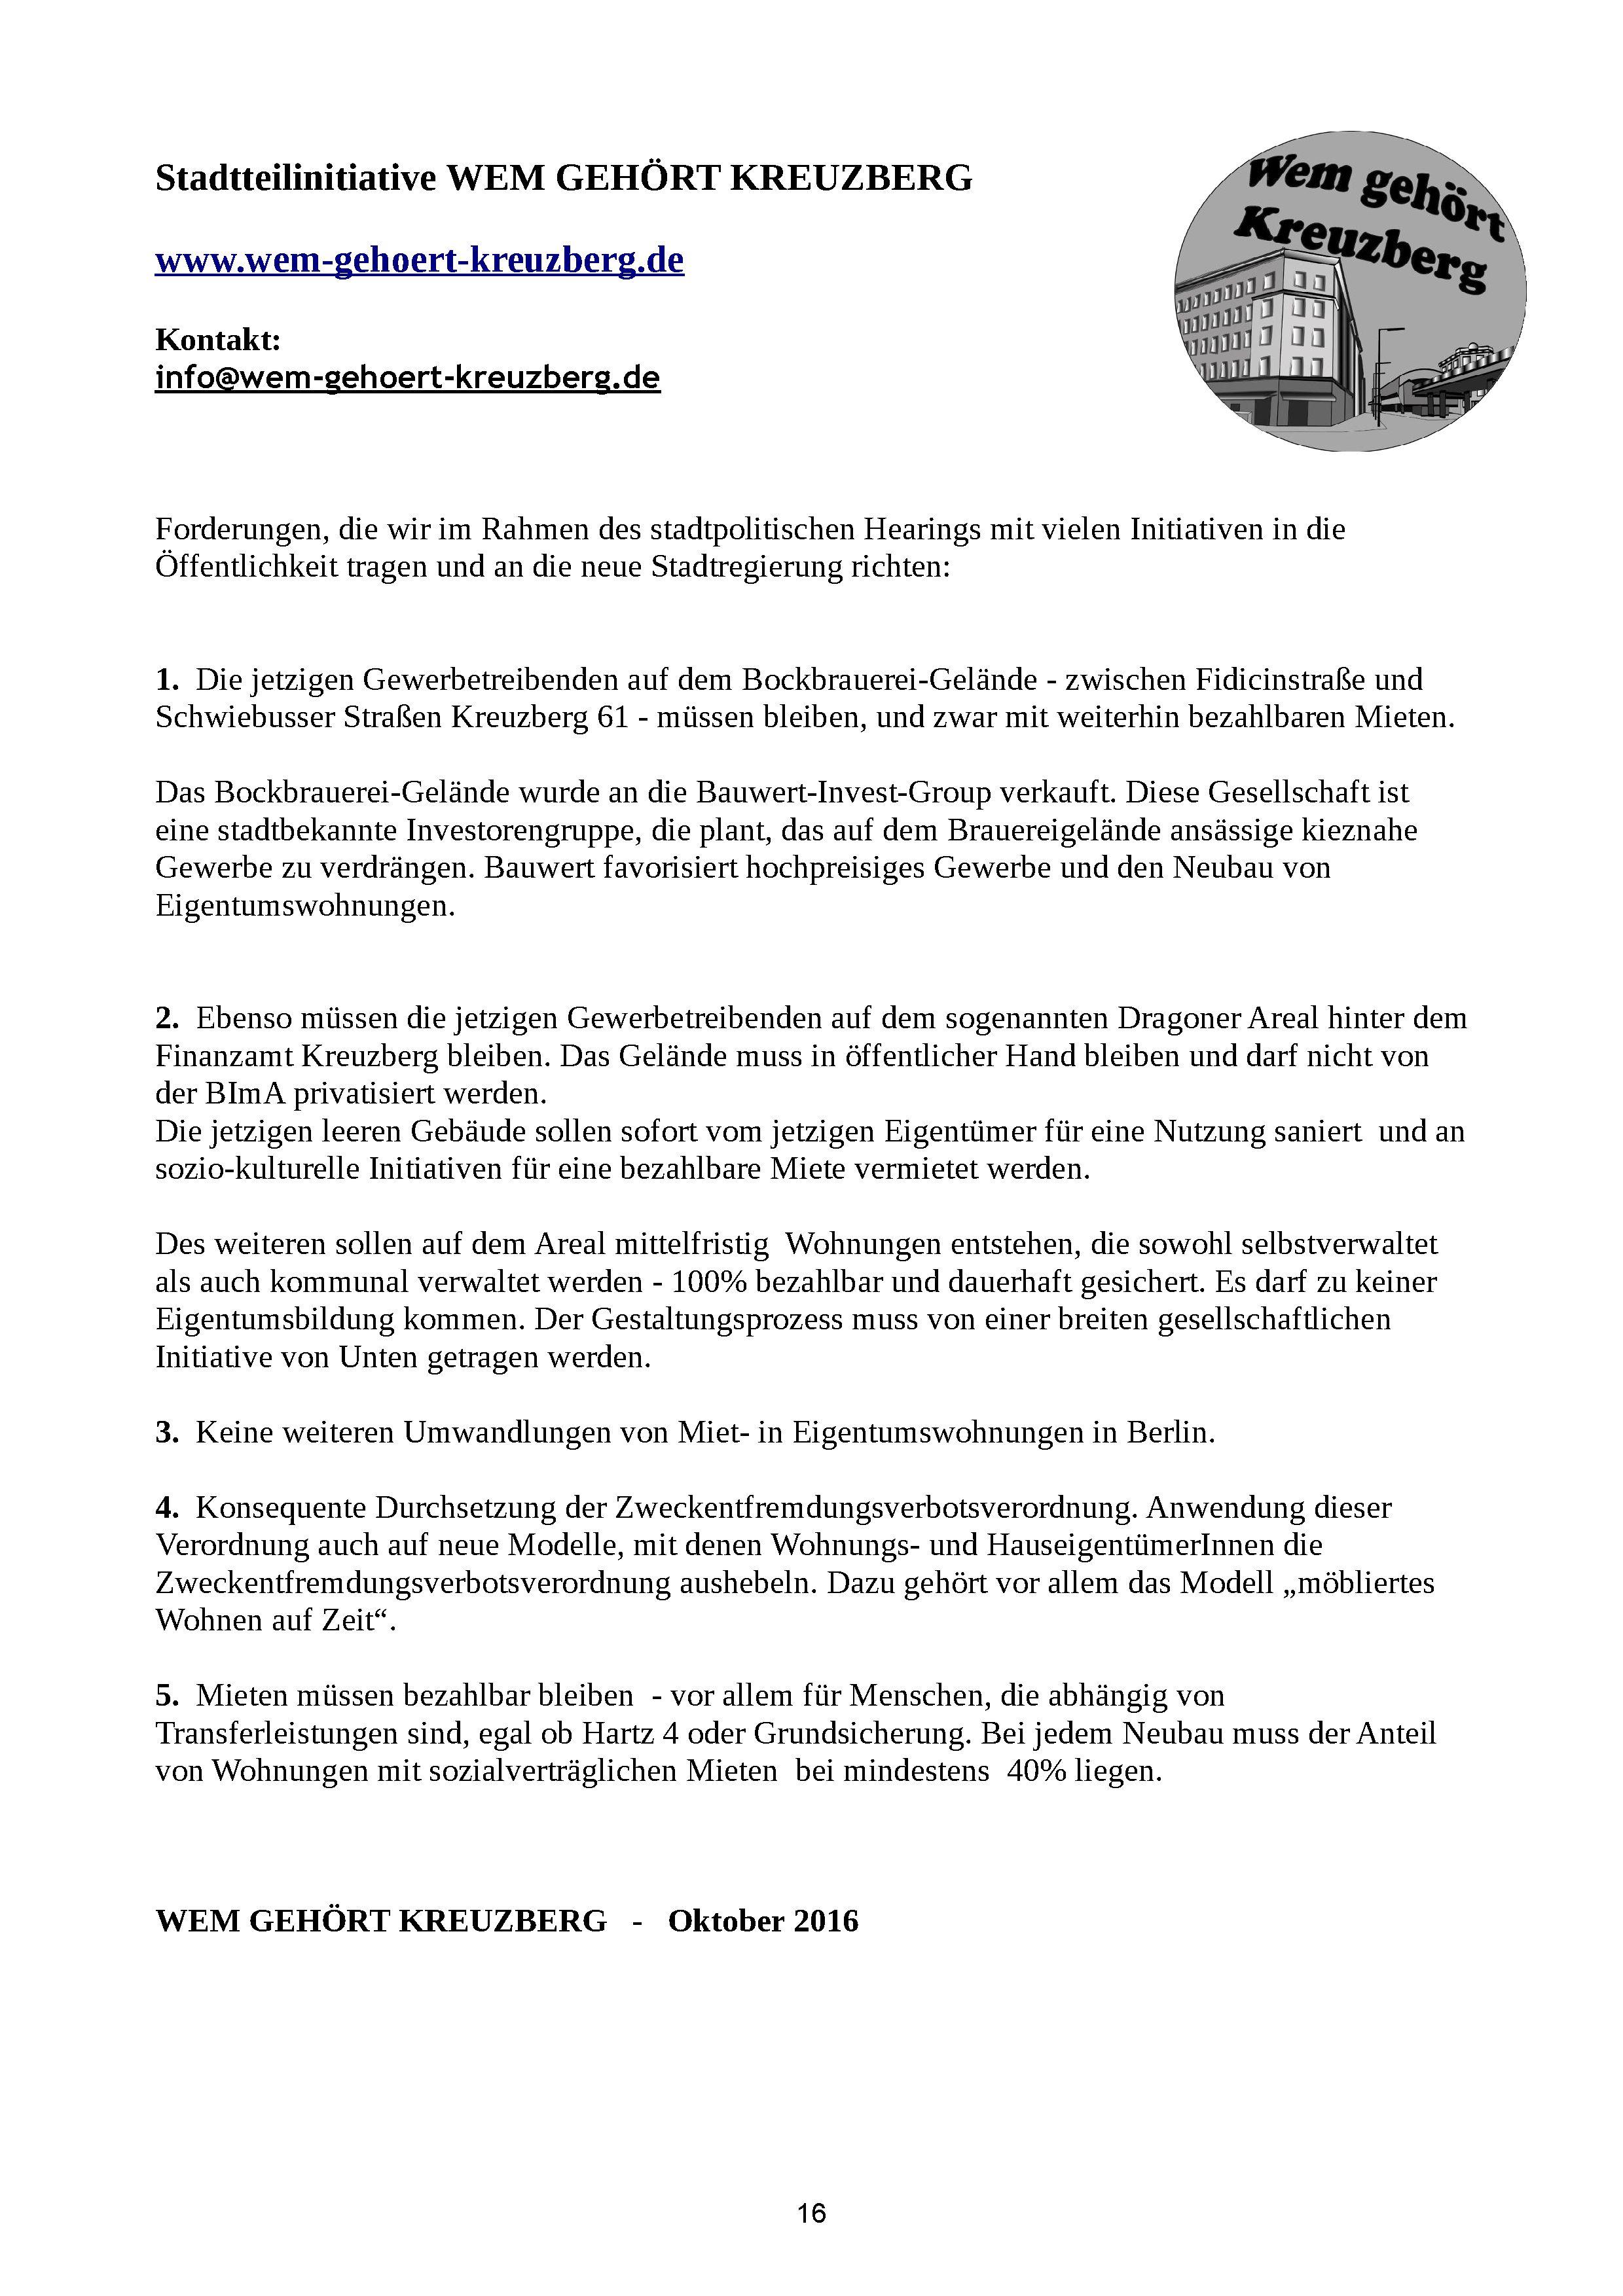 stadtpolitisches_hearing_021116_pressemappe1_seite_17